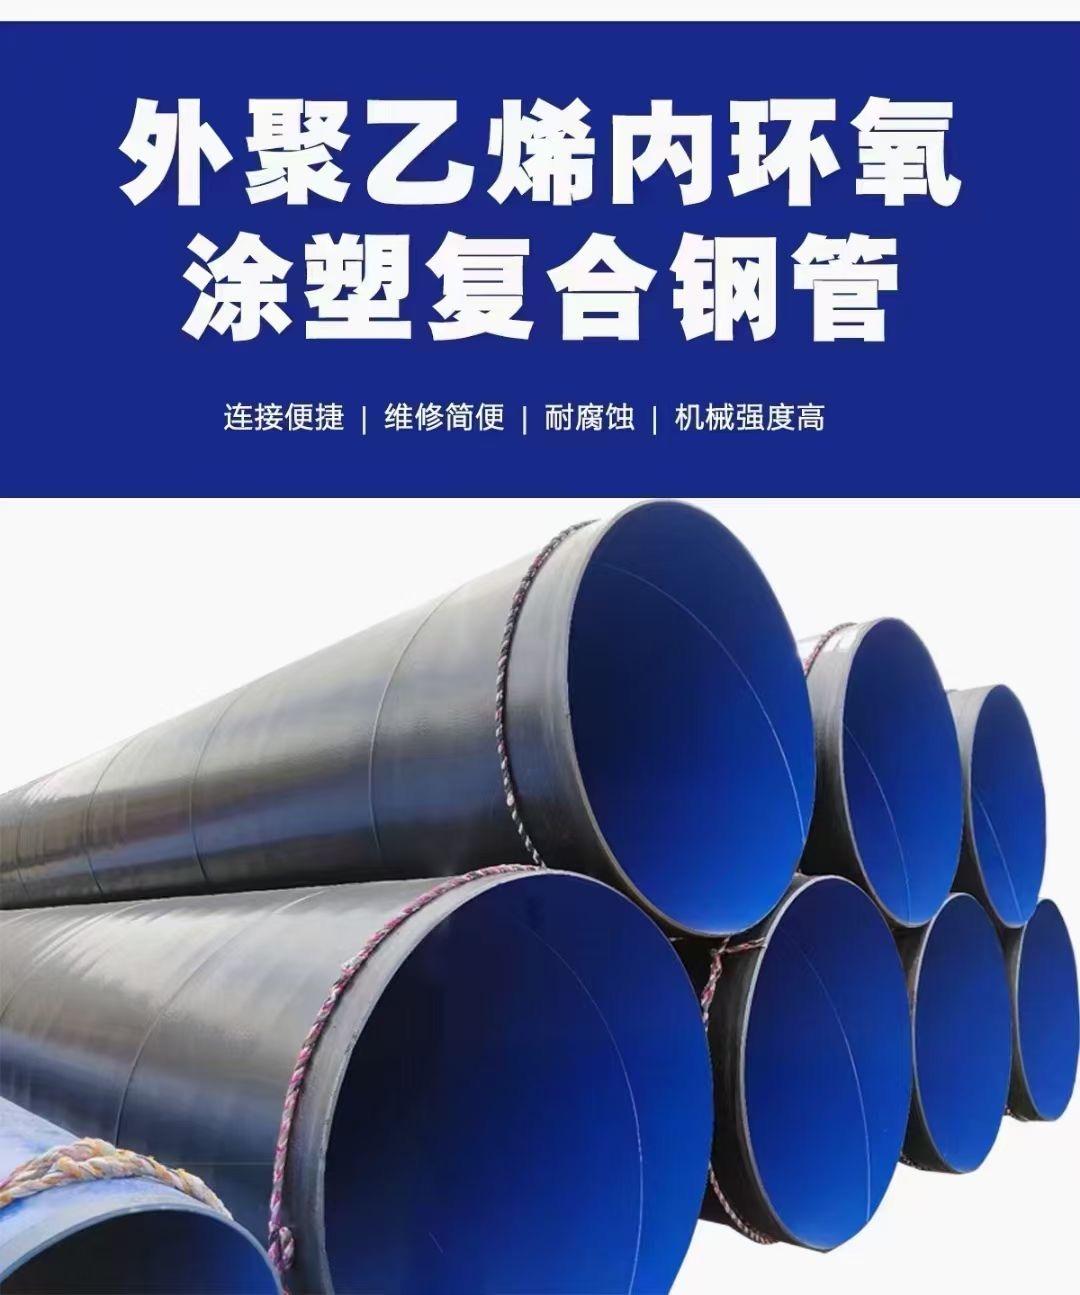 燃气用3pe防腐钢管用于电厂化水管线辽宁省